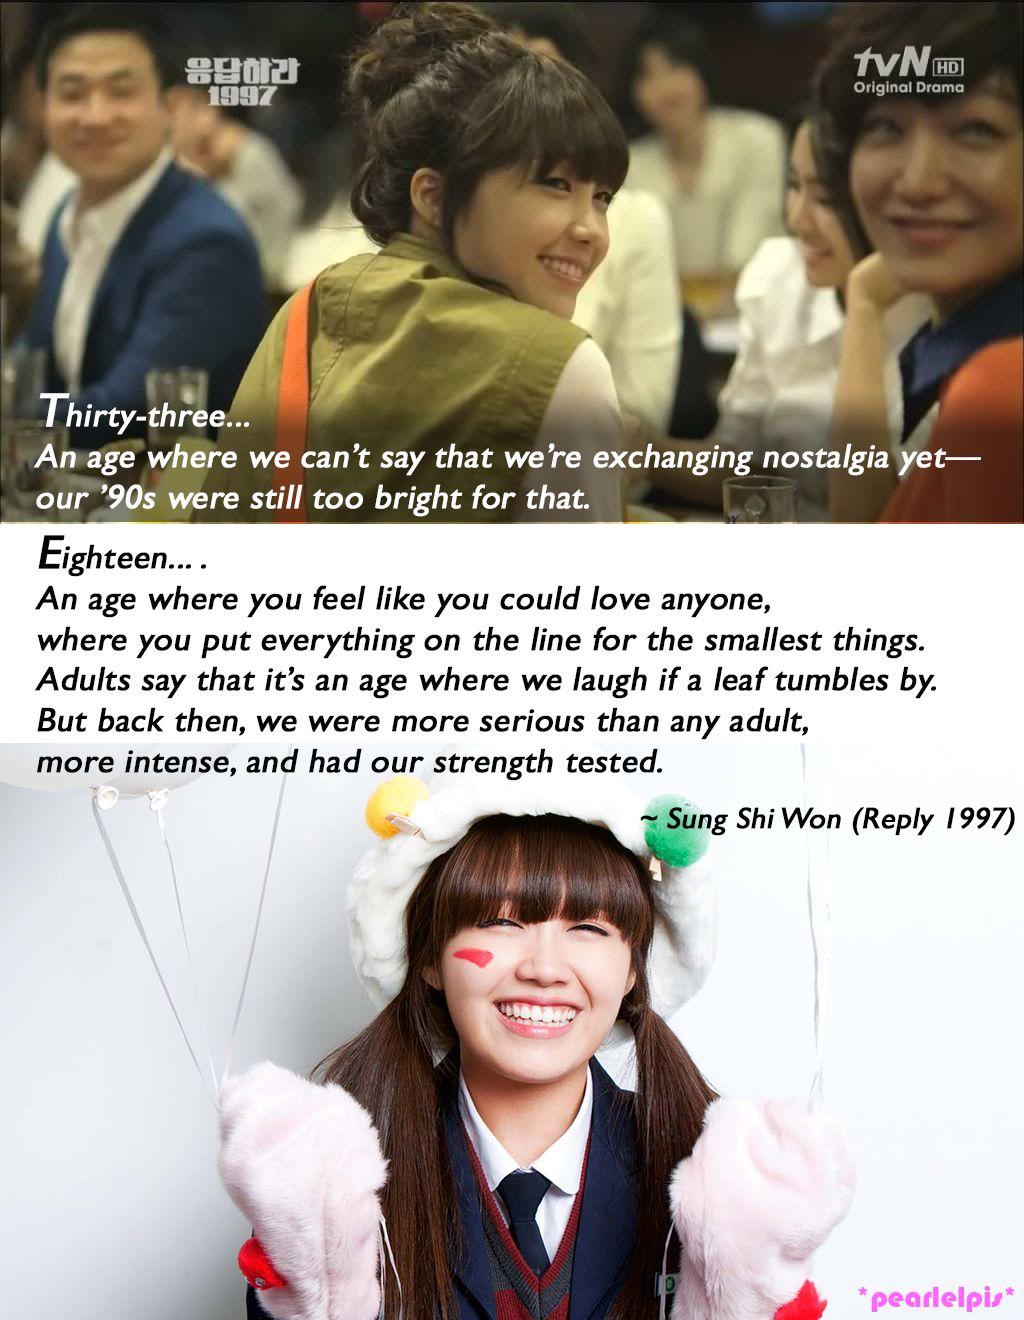 Kim bum jung eun ji dating quotes